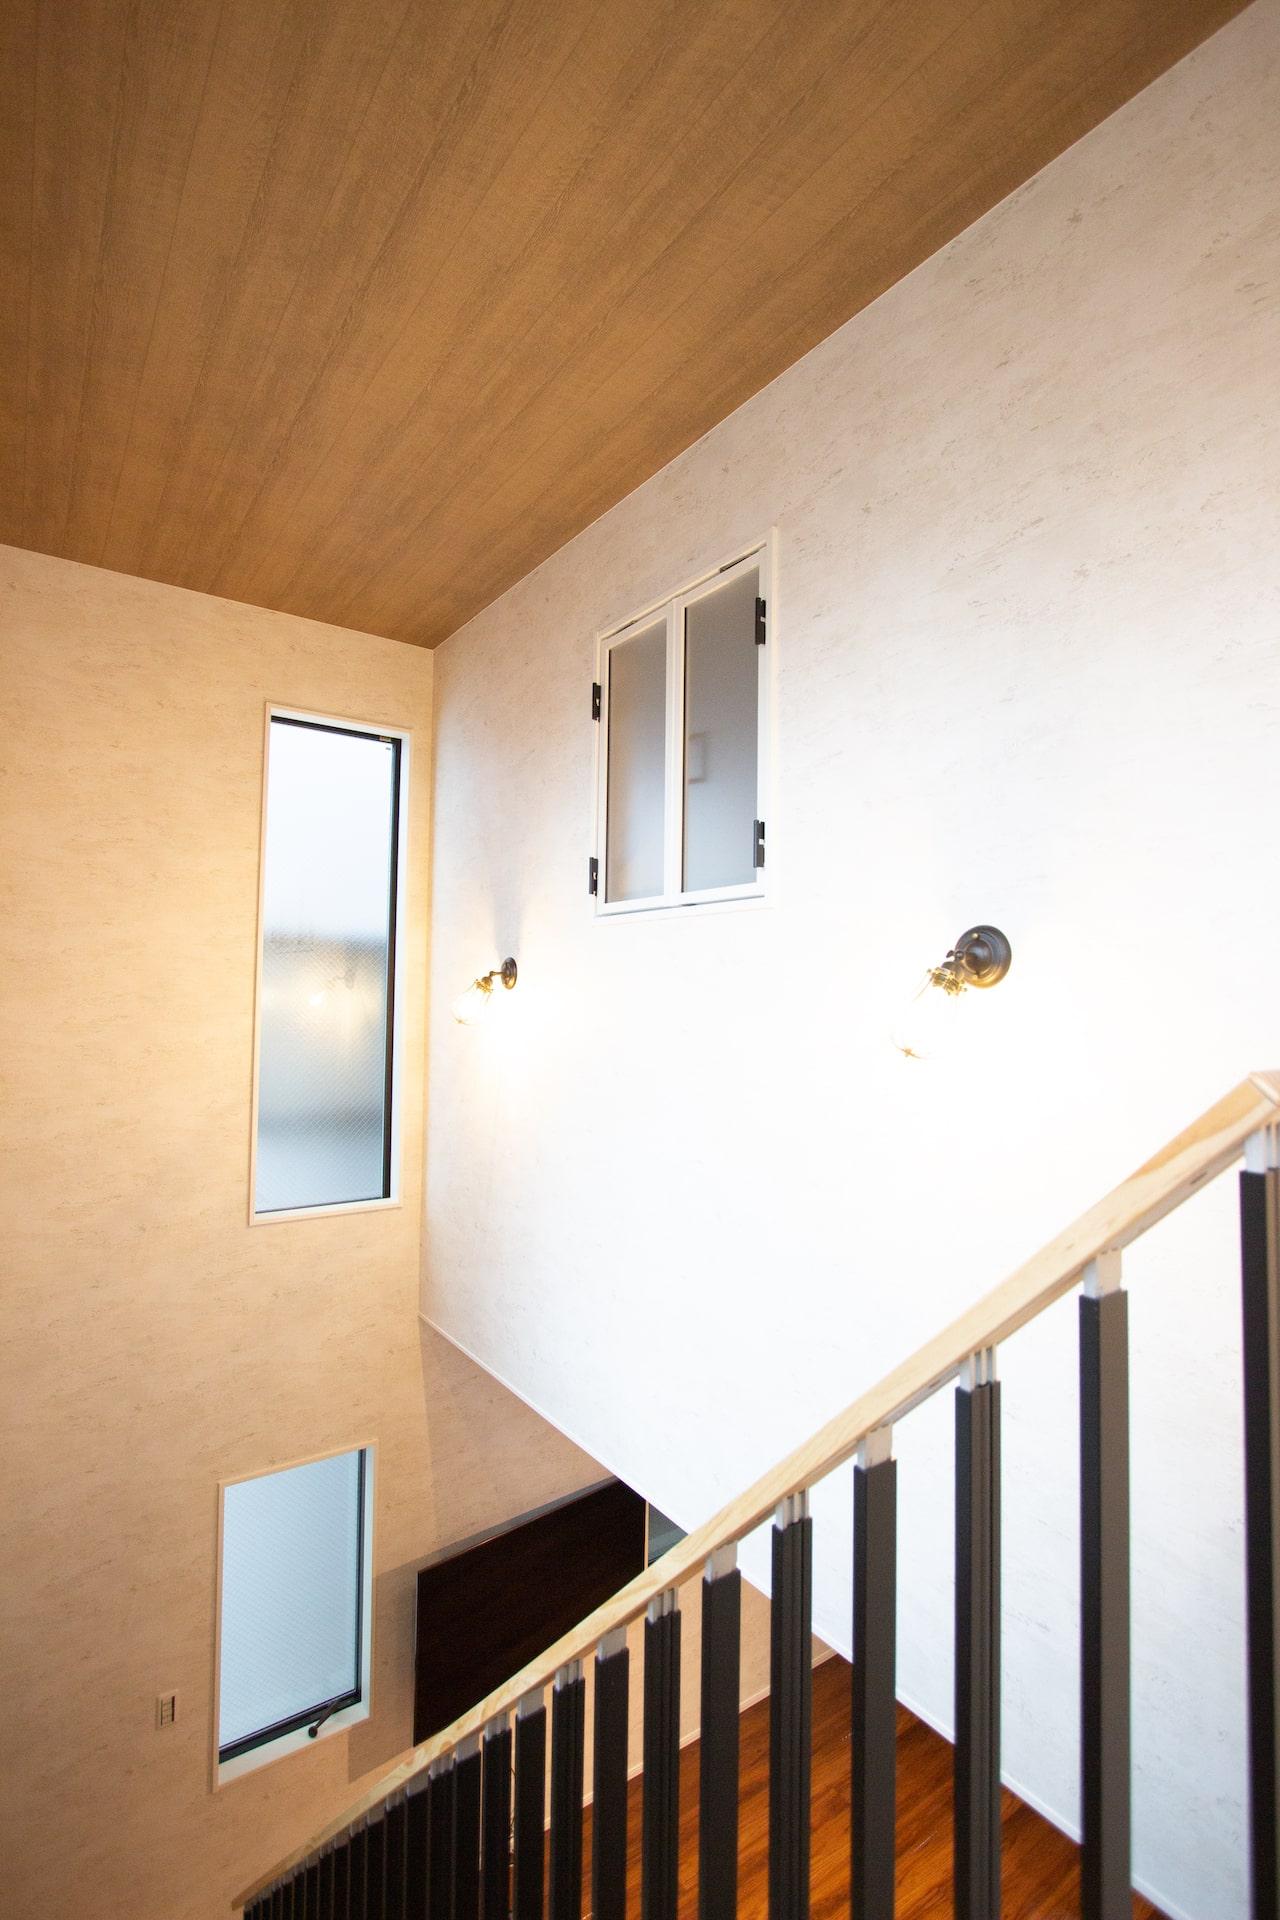 高槻市 戸建住宅 階段